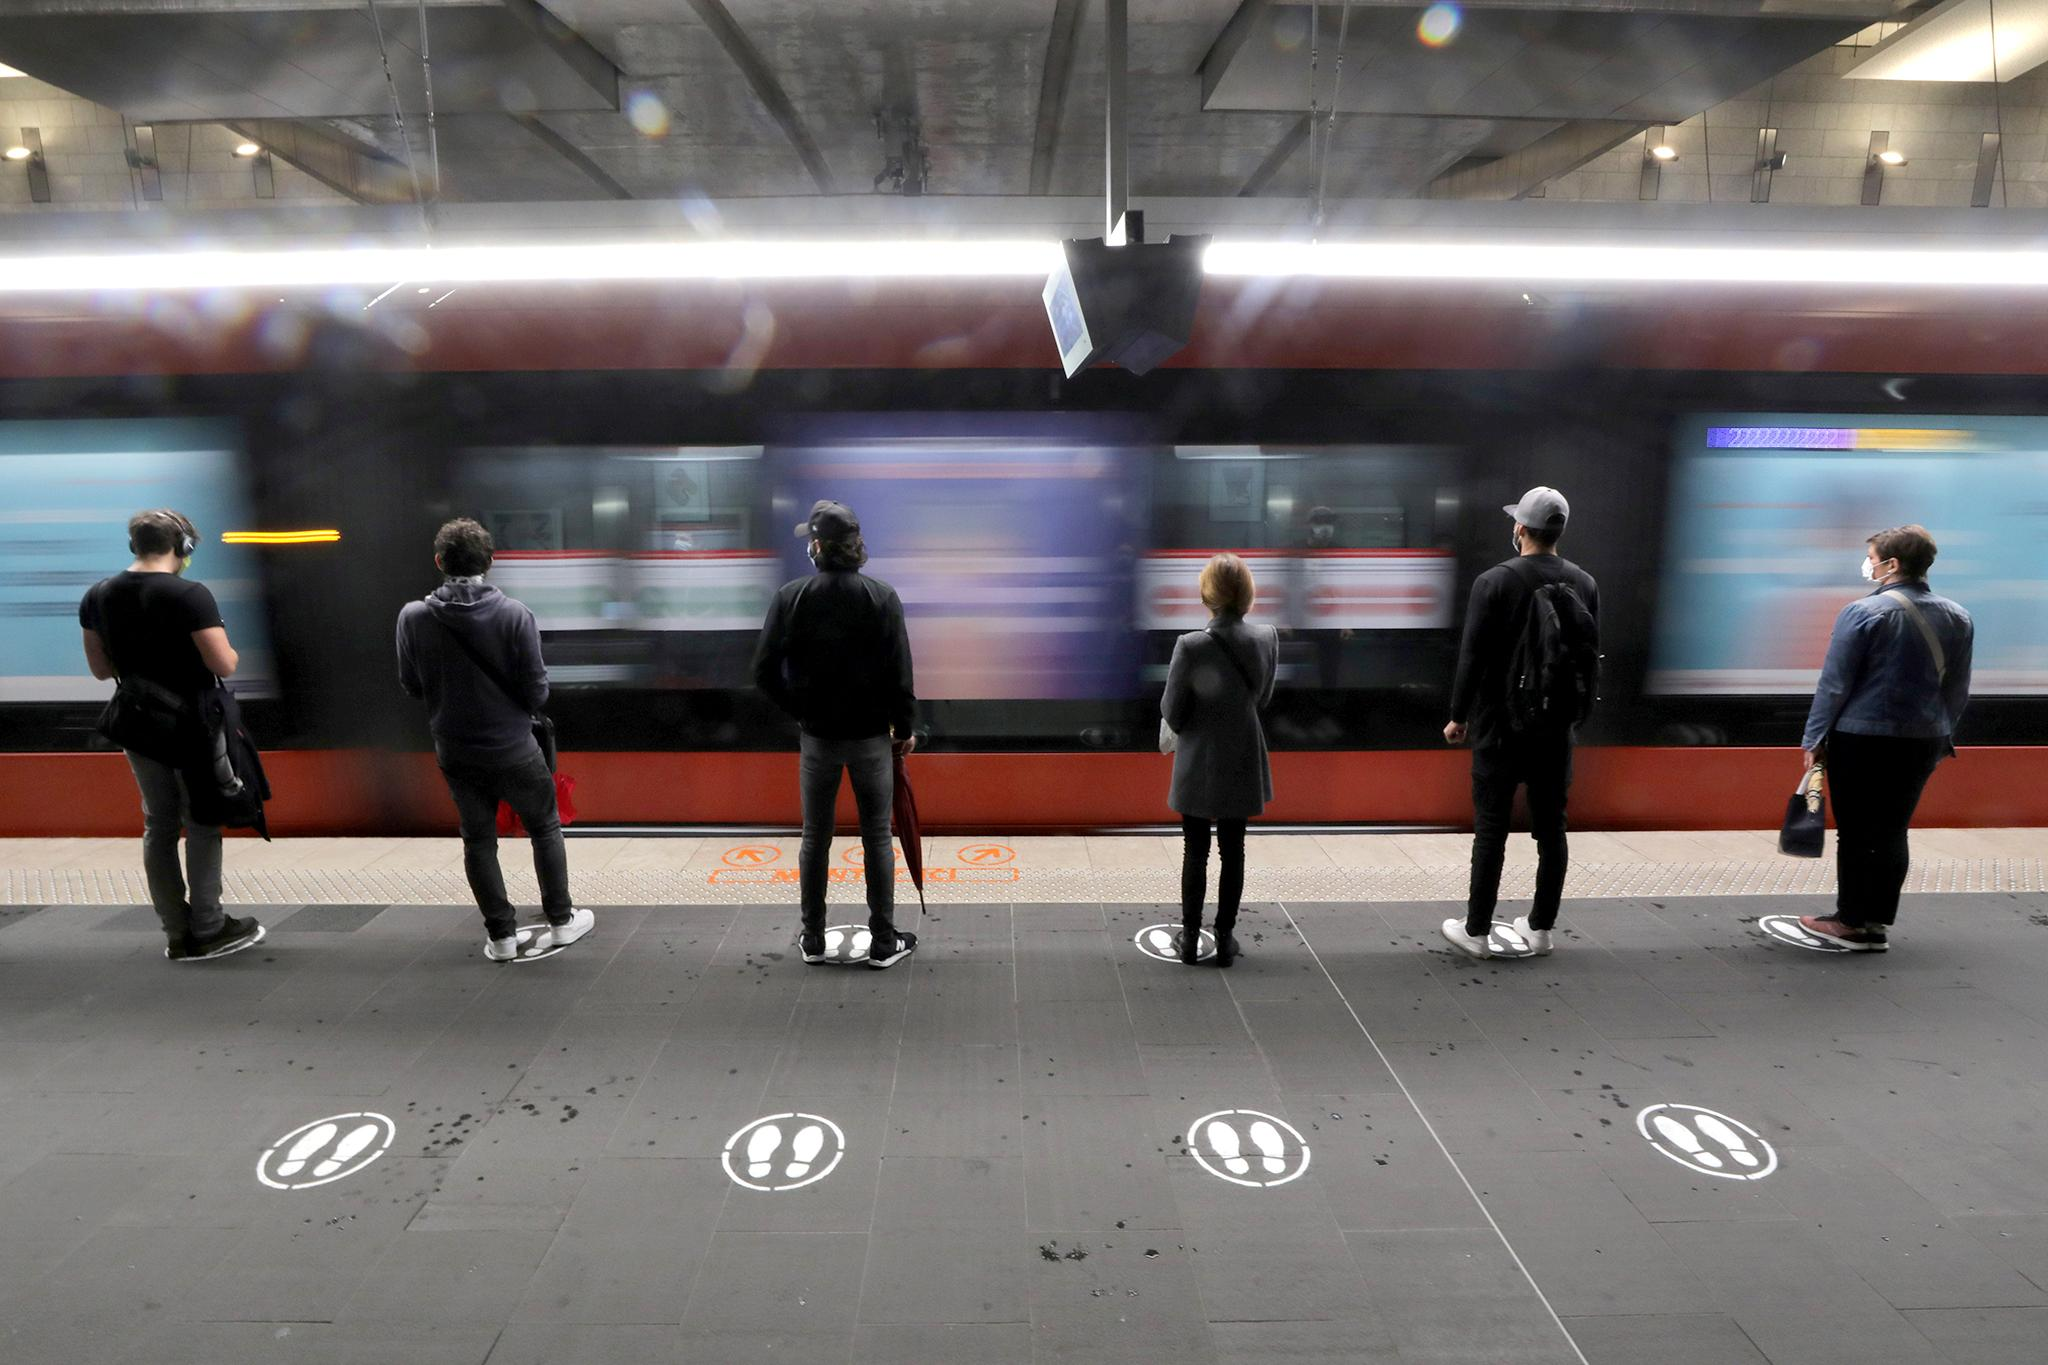 Ниццагийн метрогоор зорчигчид зайгаа дуулгавартай барьдаг.